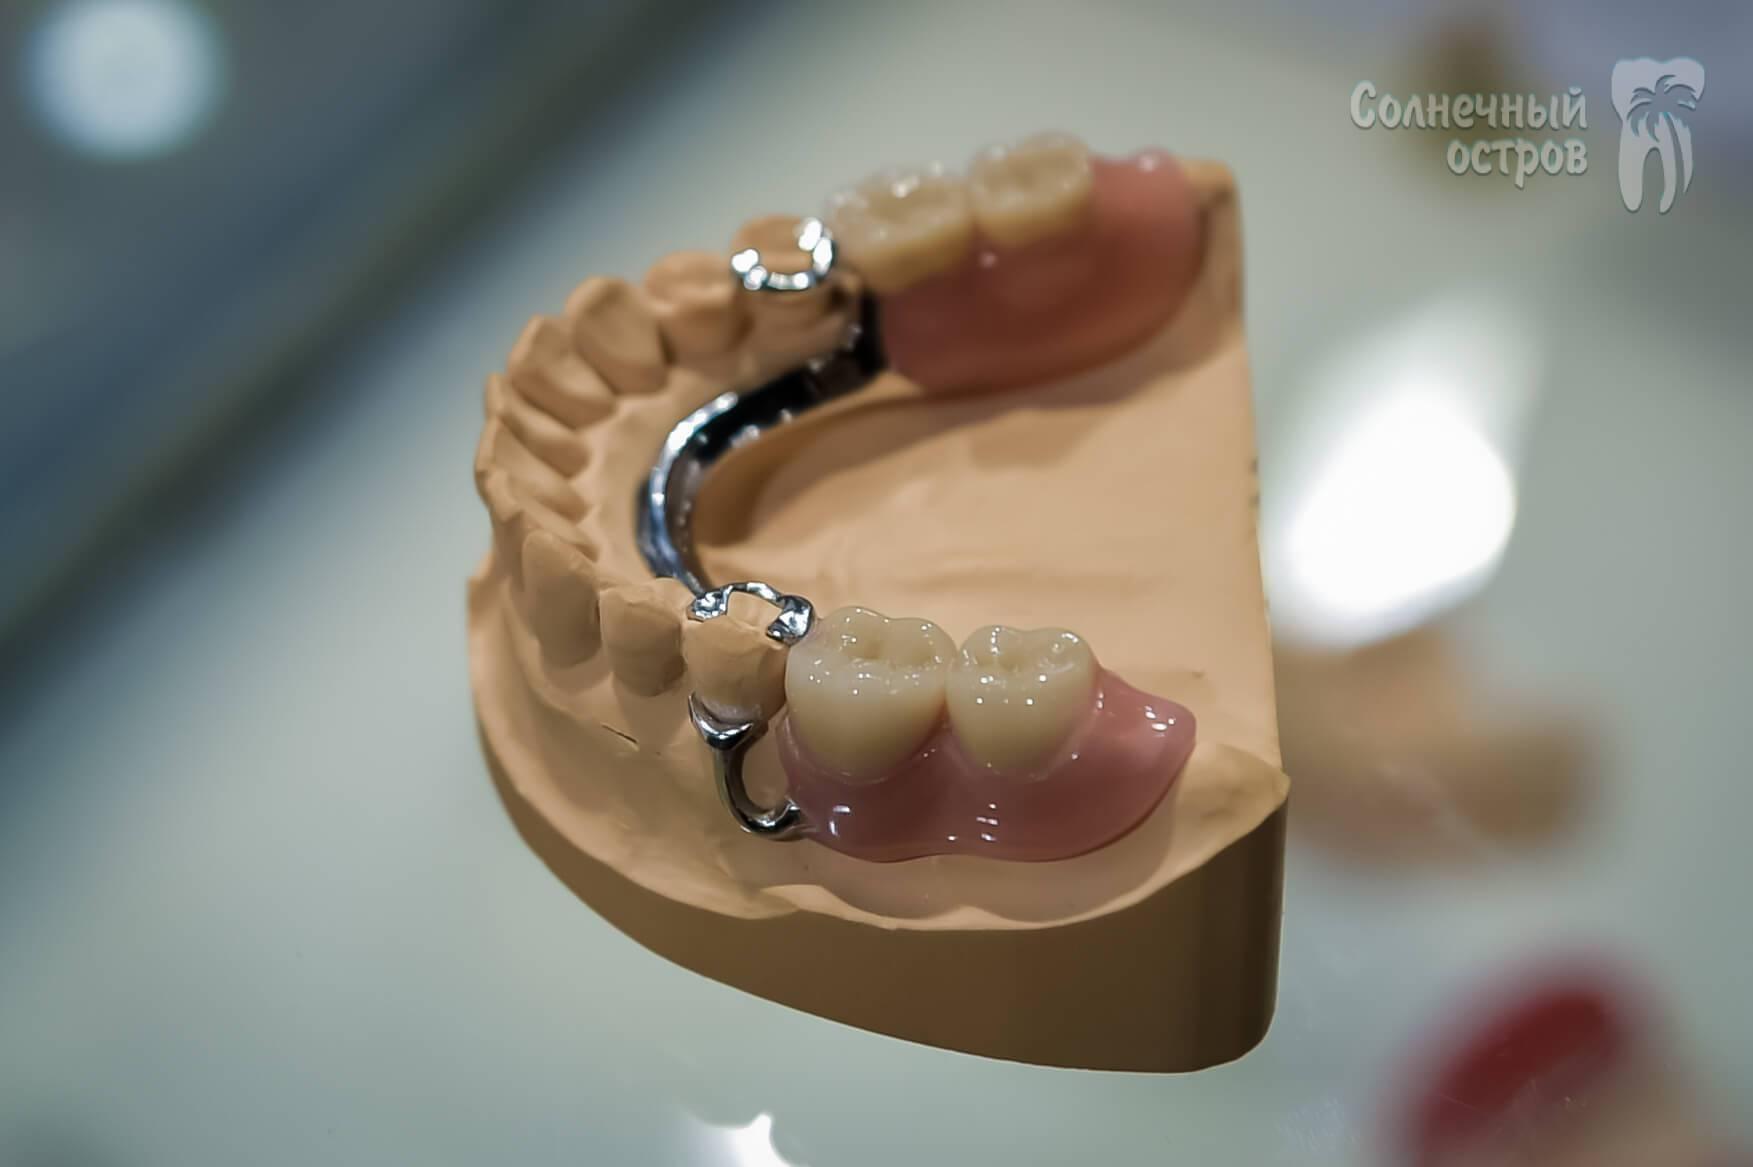 Шинирующий бюгельный протез— фото и особенности зубных конструкций